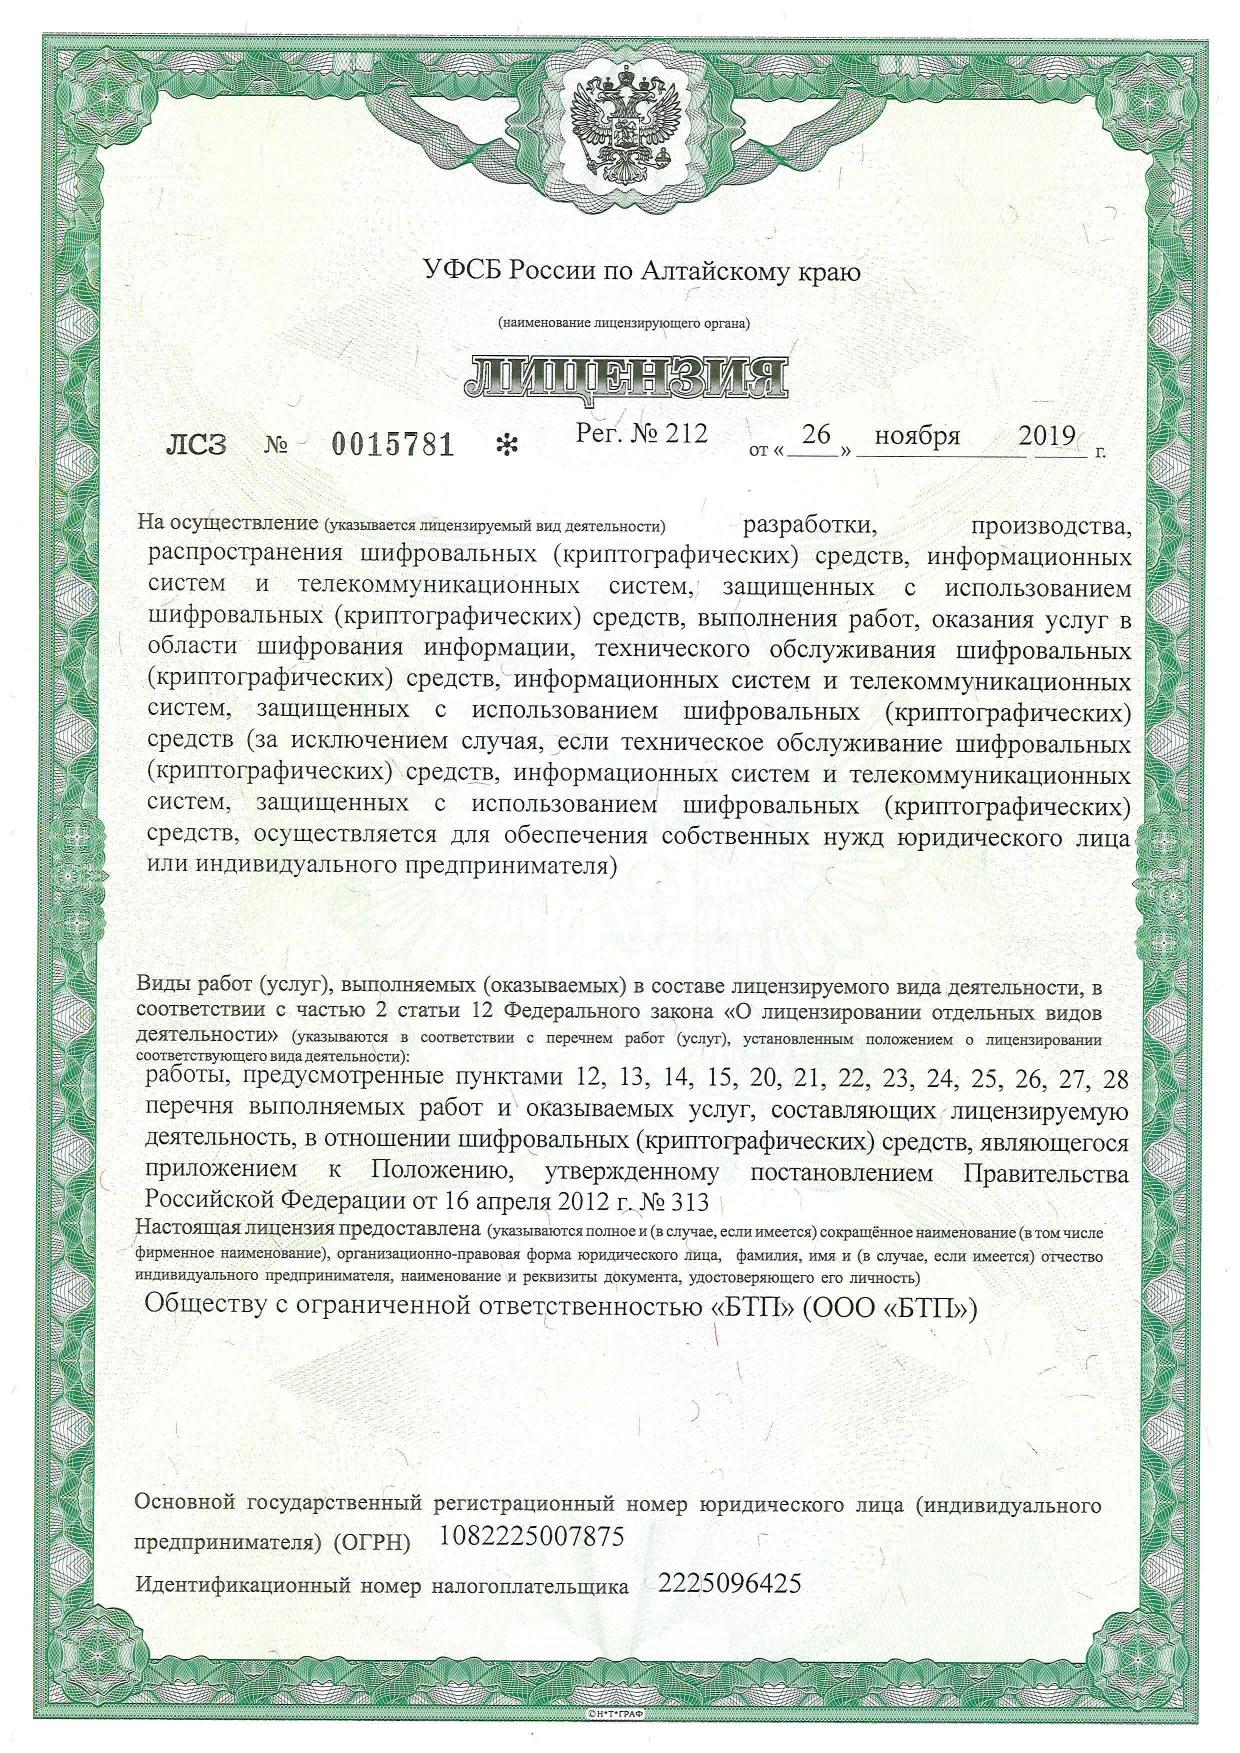 УЦ «БТП» прошел аккредитацию ФСБ